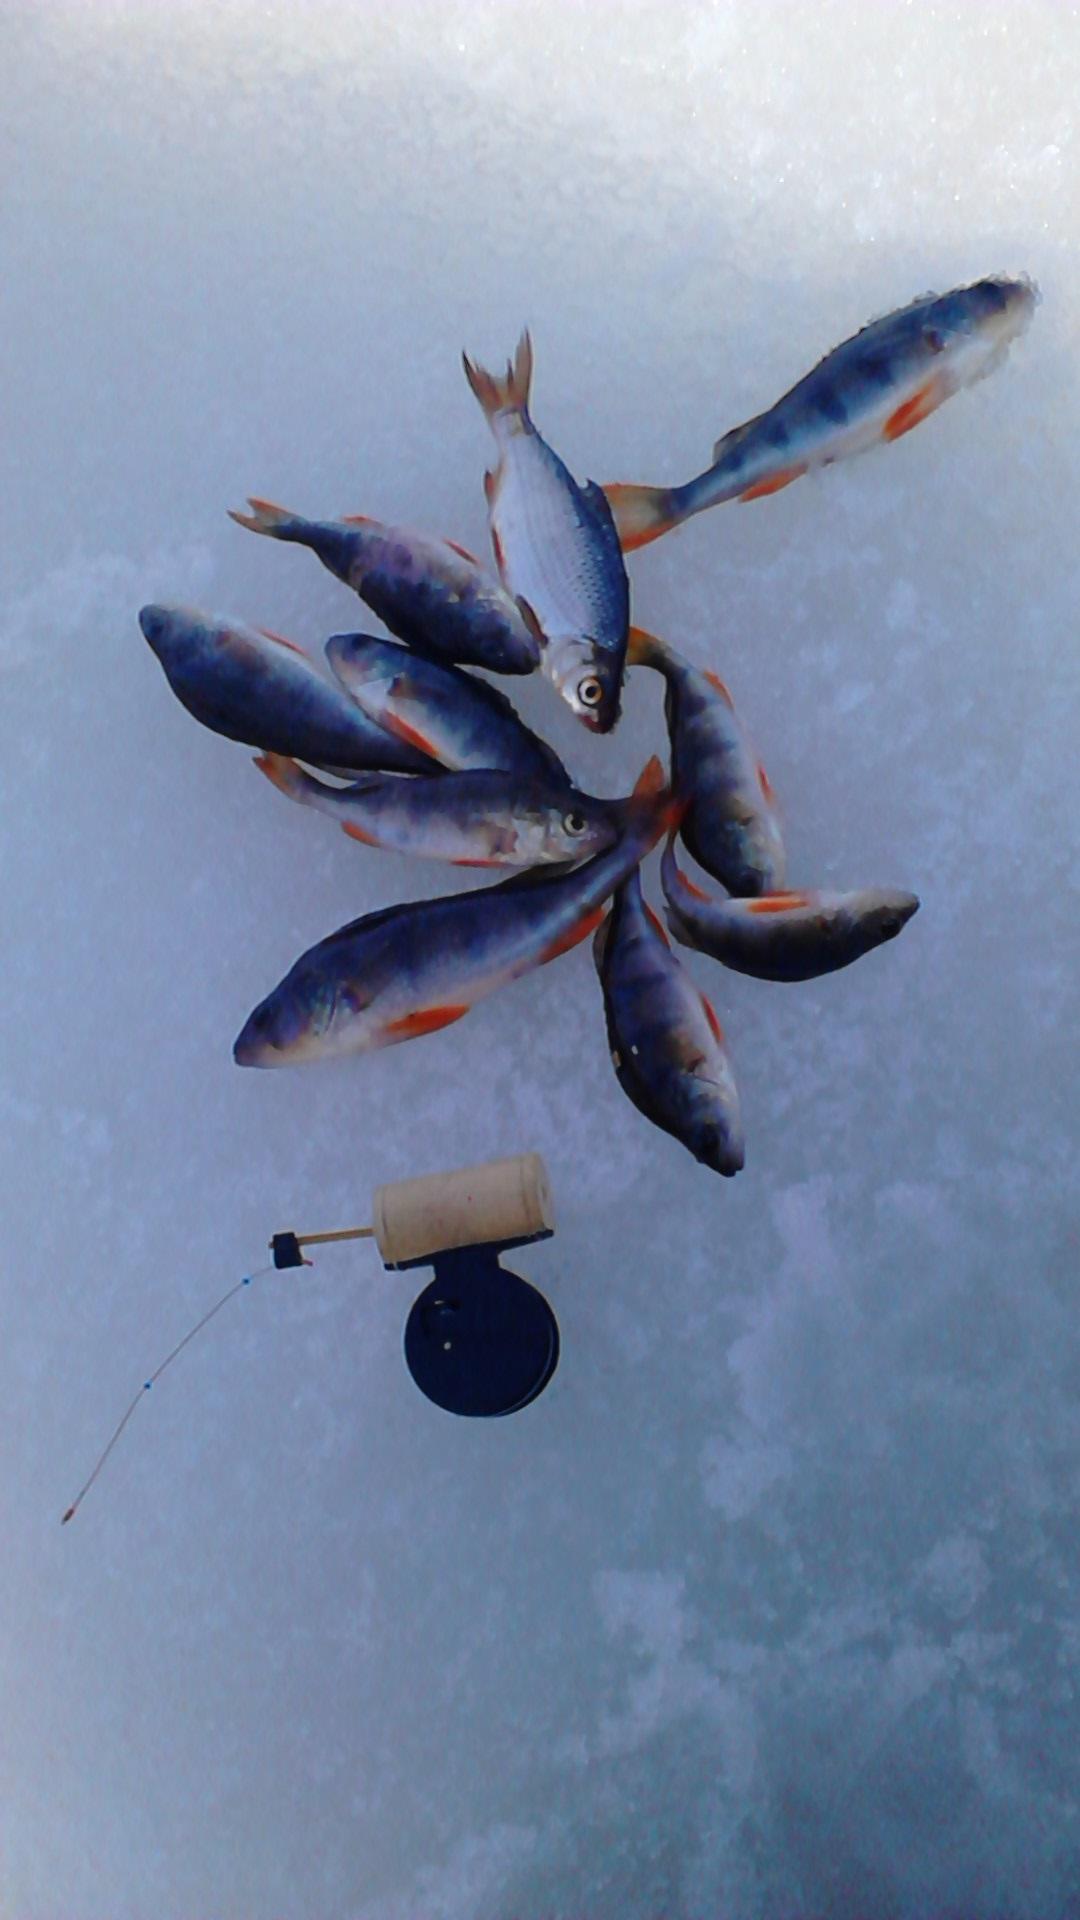 как ловить рыбу на экран видео